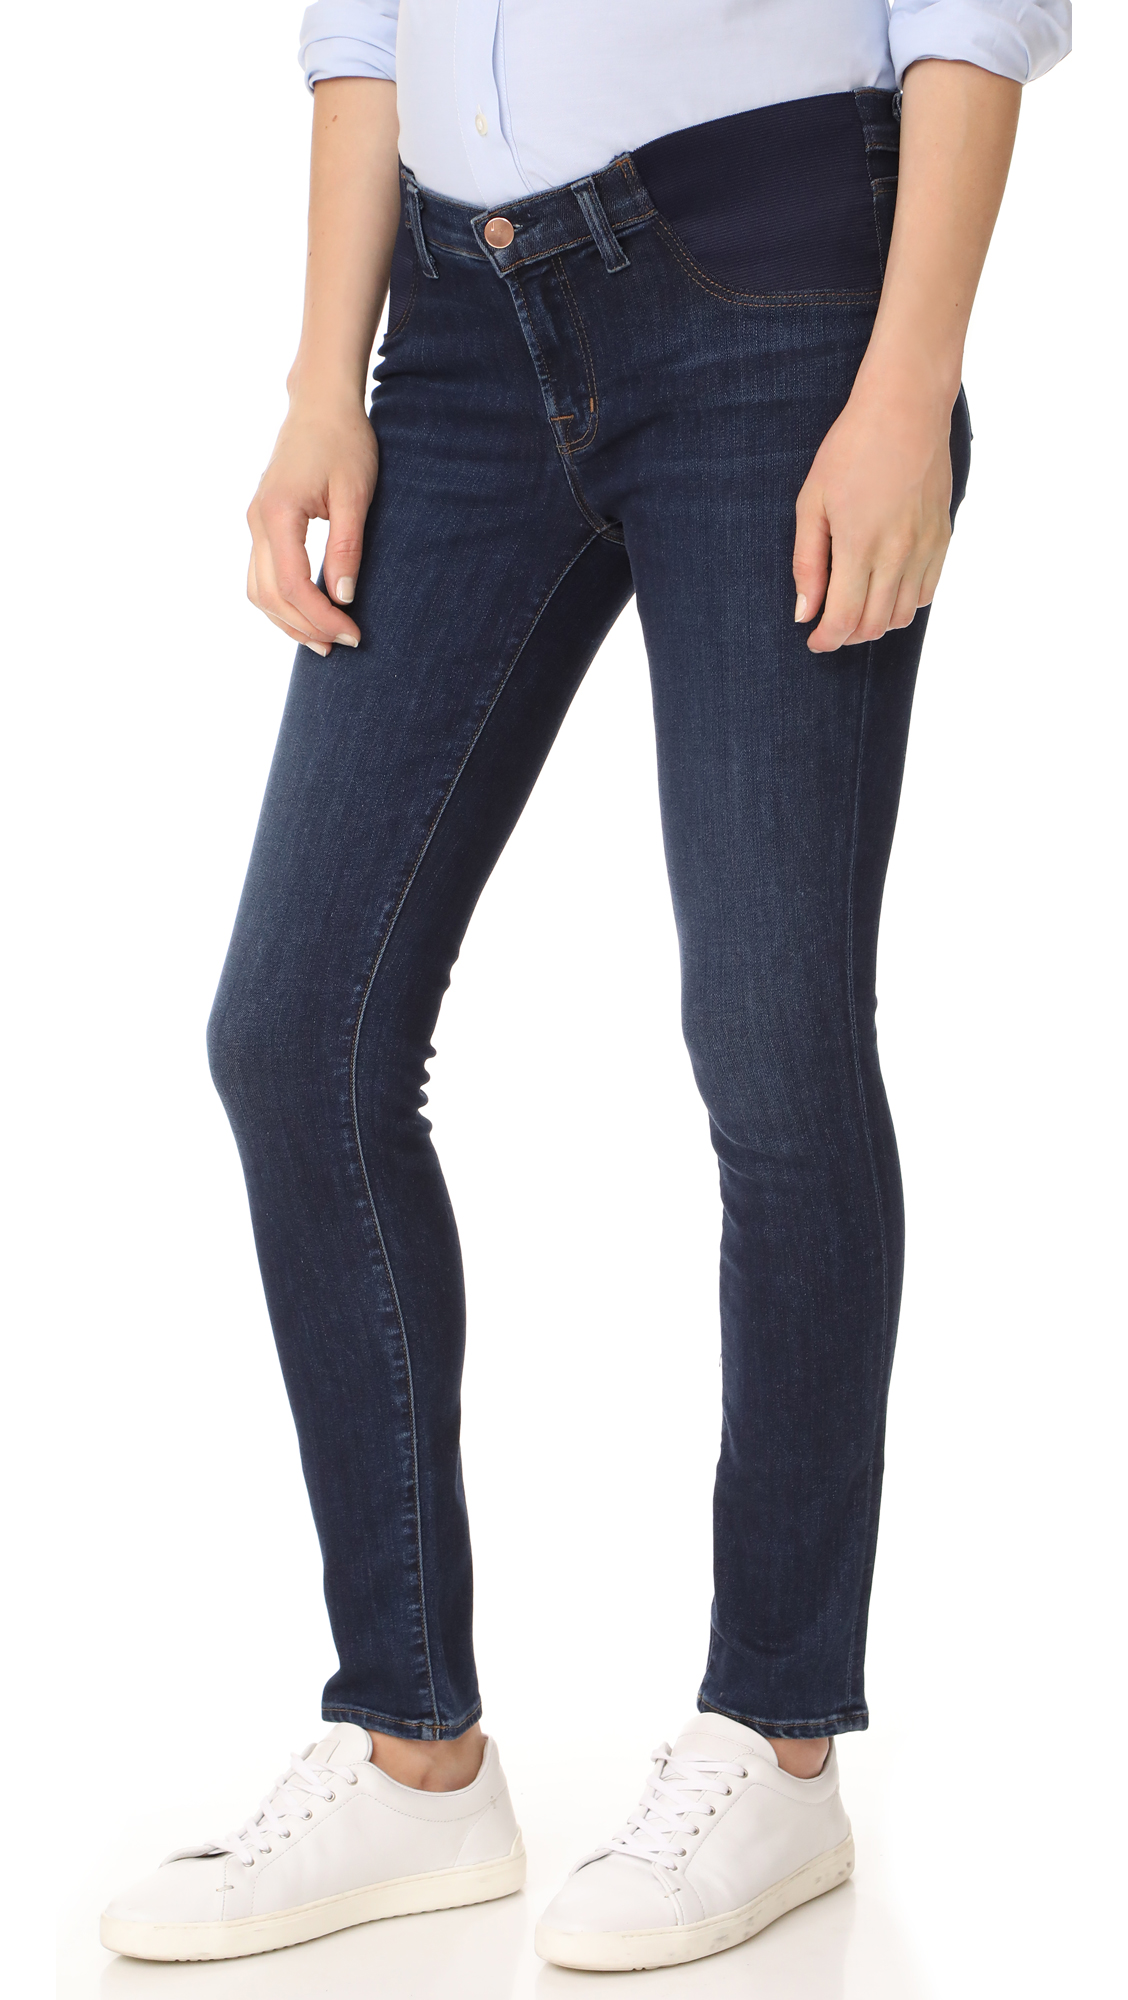 Maternity J Skinny Jeans